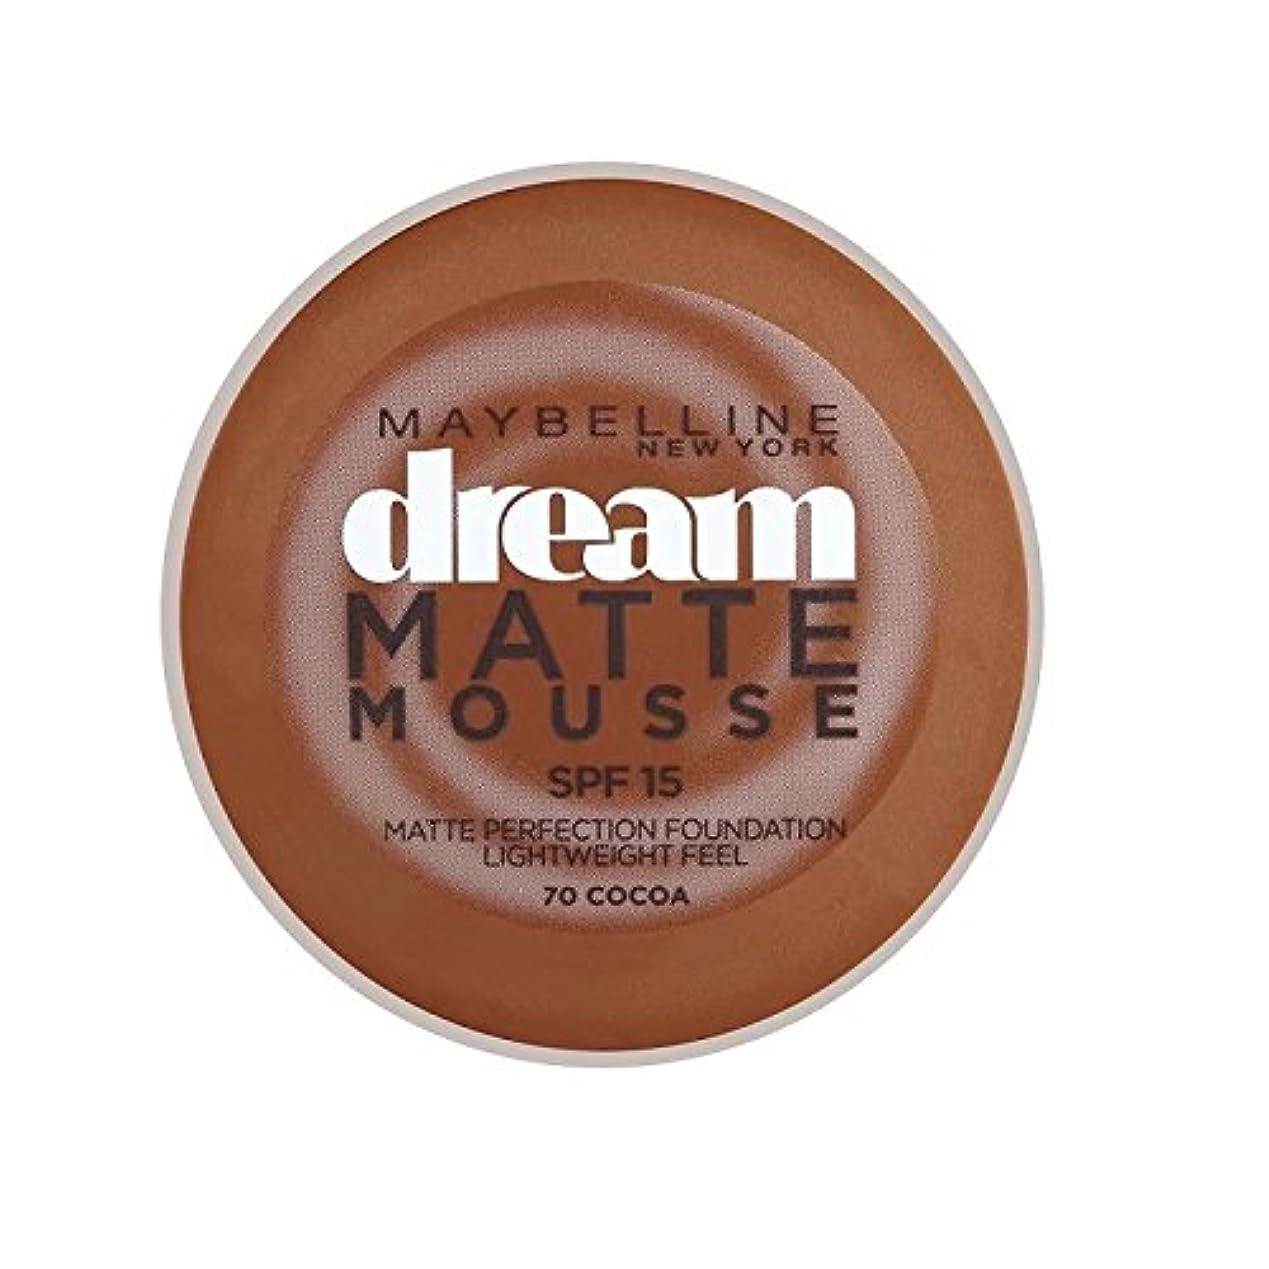 変更ルーフ国勢調査Maybelline Dream Matte Mousse Foundation 70 Cocoa 10ml - メイベリン夢のマットムース基盤70ココア10ミリリットル [並行輸入品]